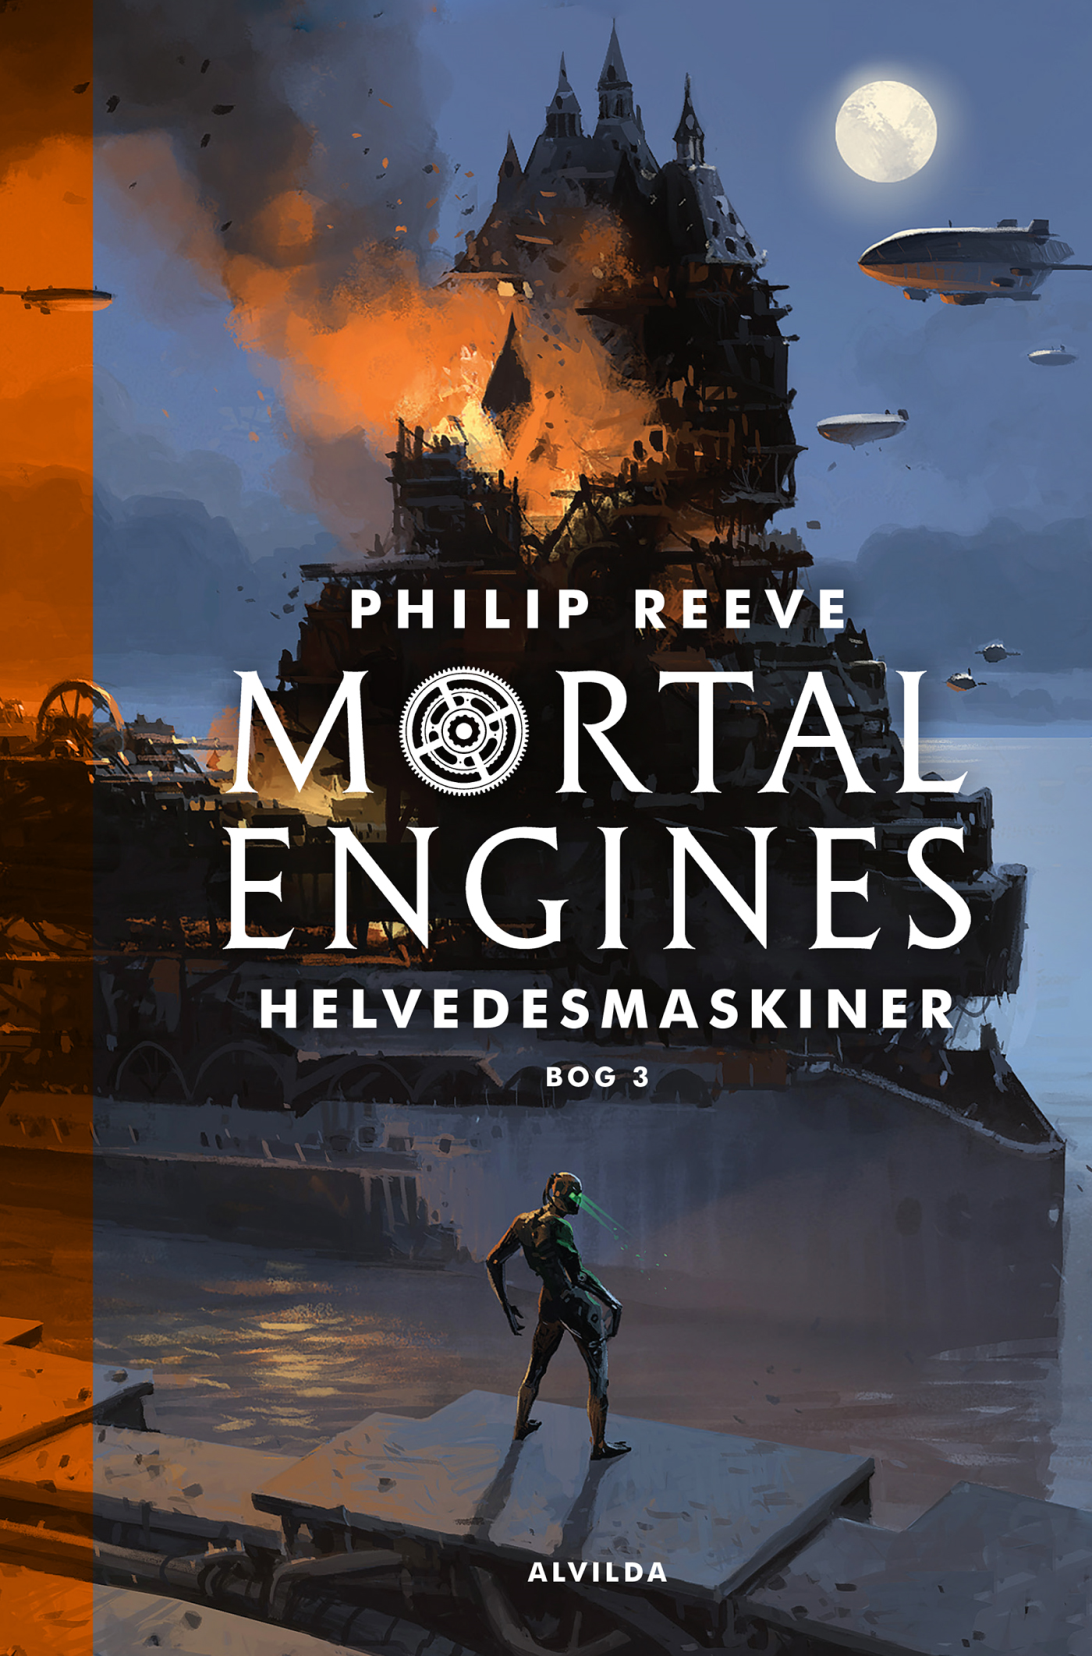 Mortal Engines #3: Helvedesmaskiner - Maneno - 14016